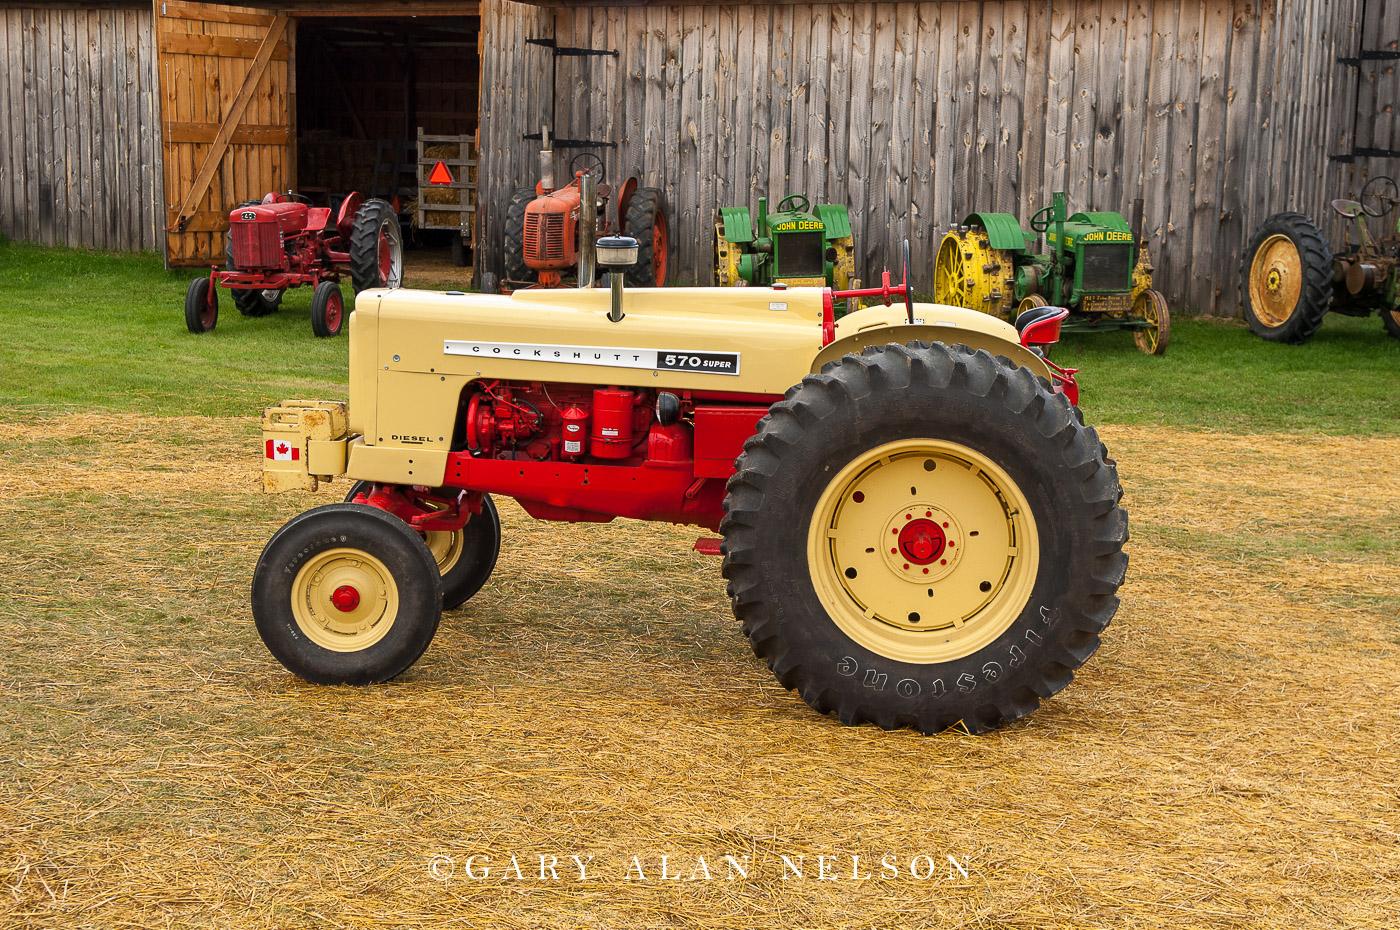 1961 Cockshutt 570 Super